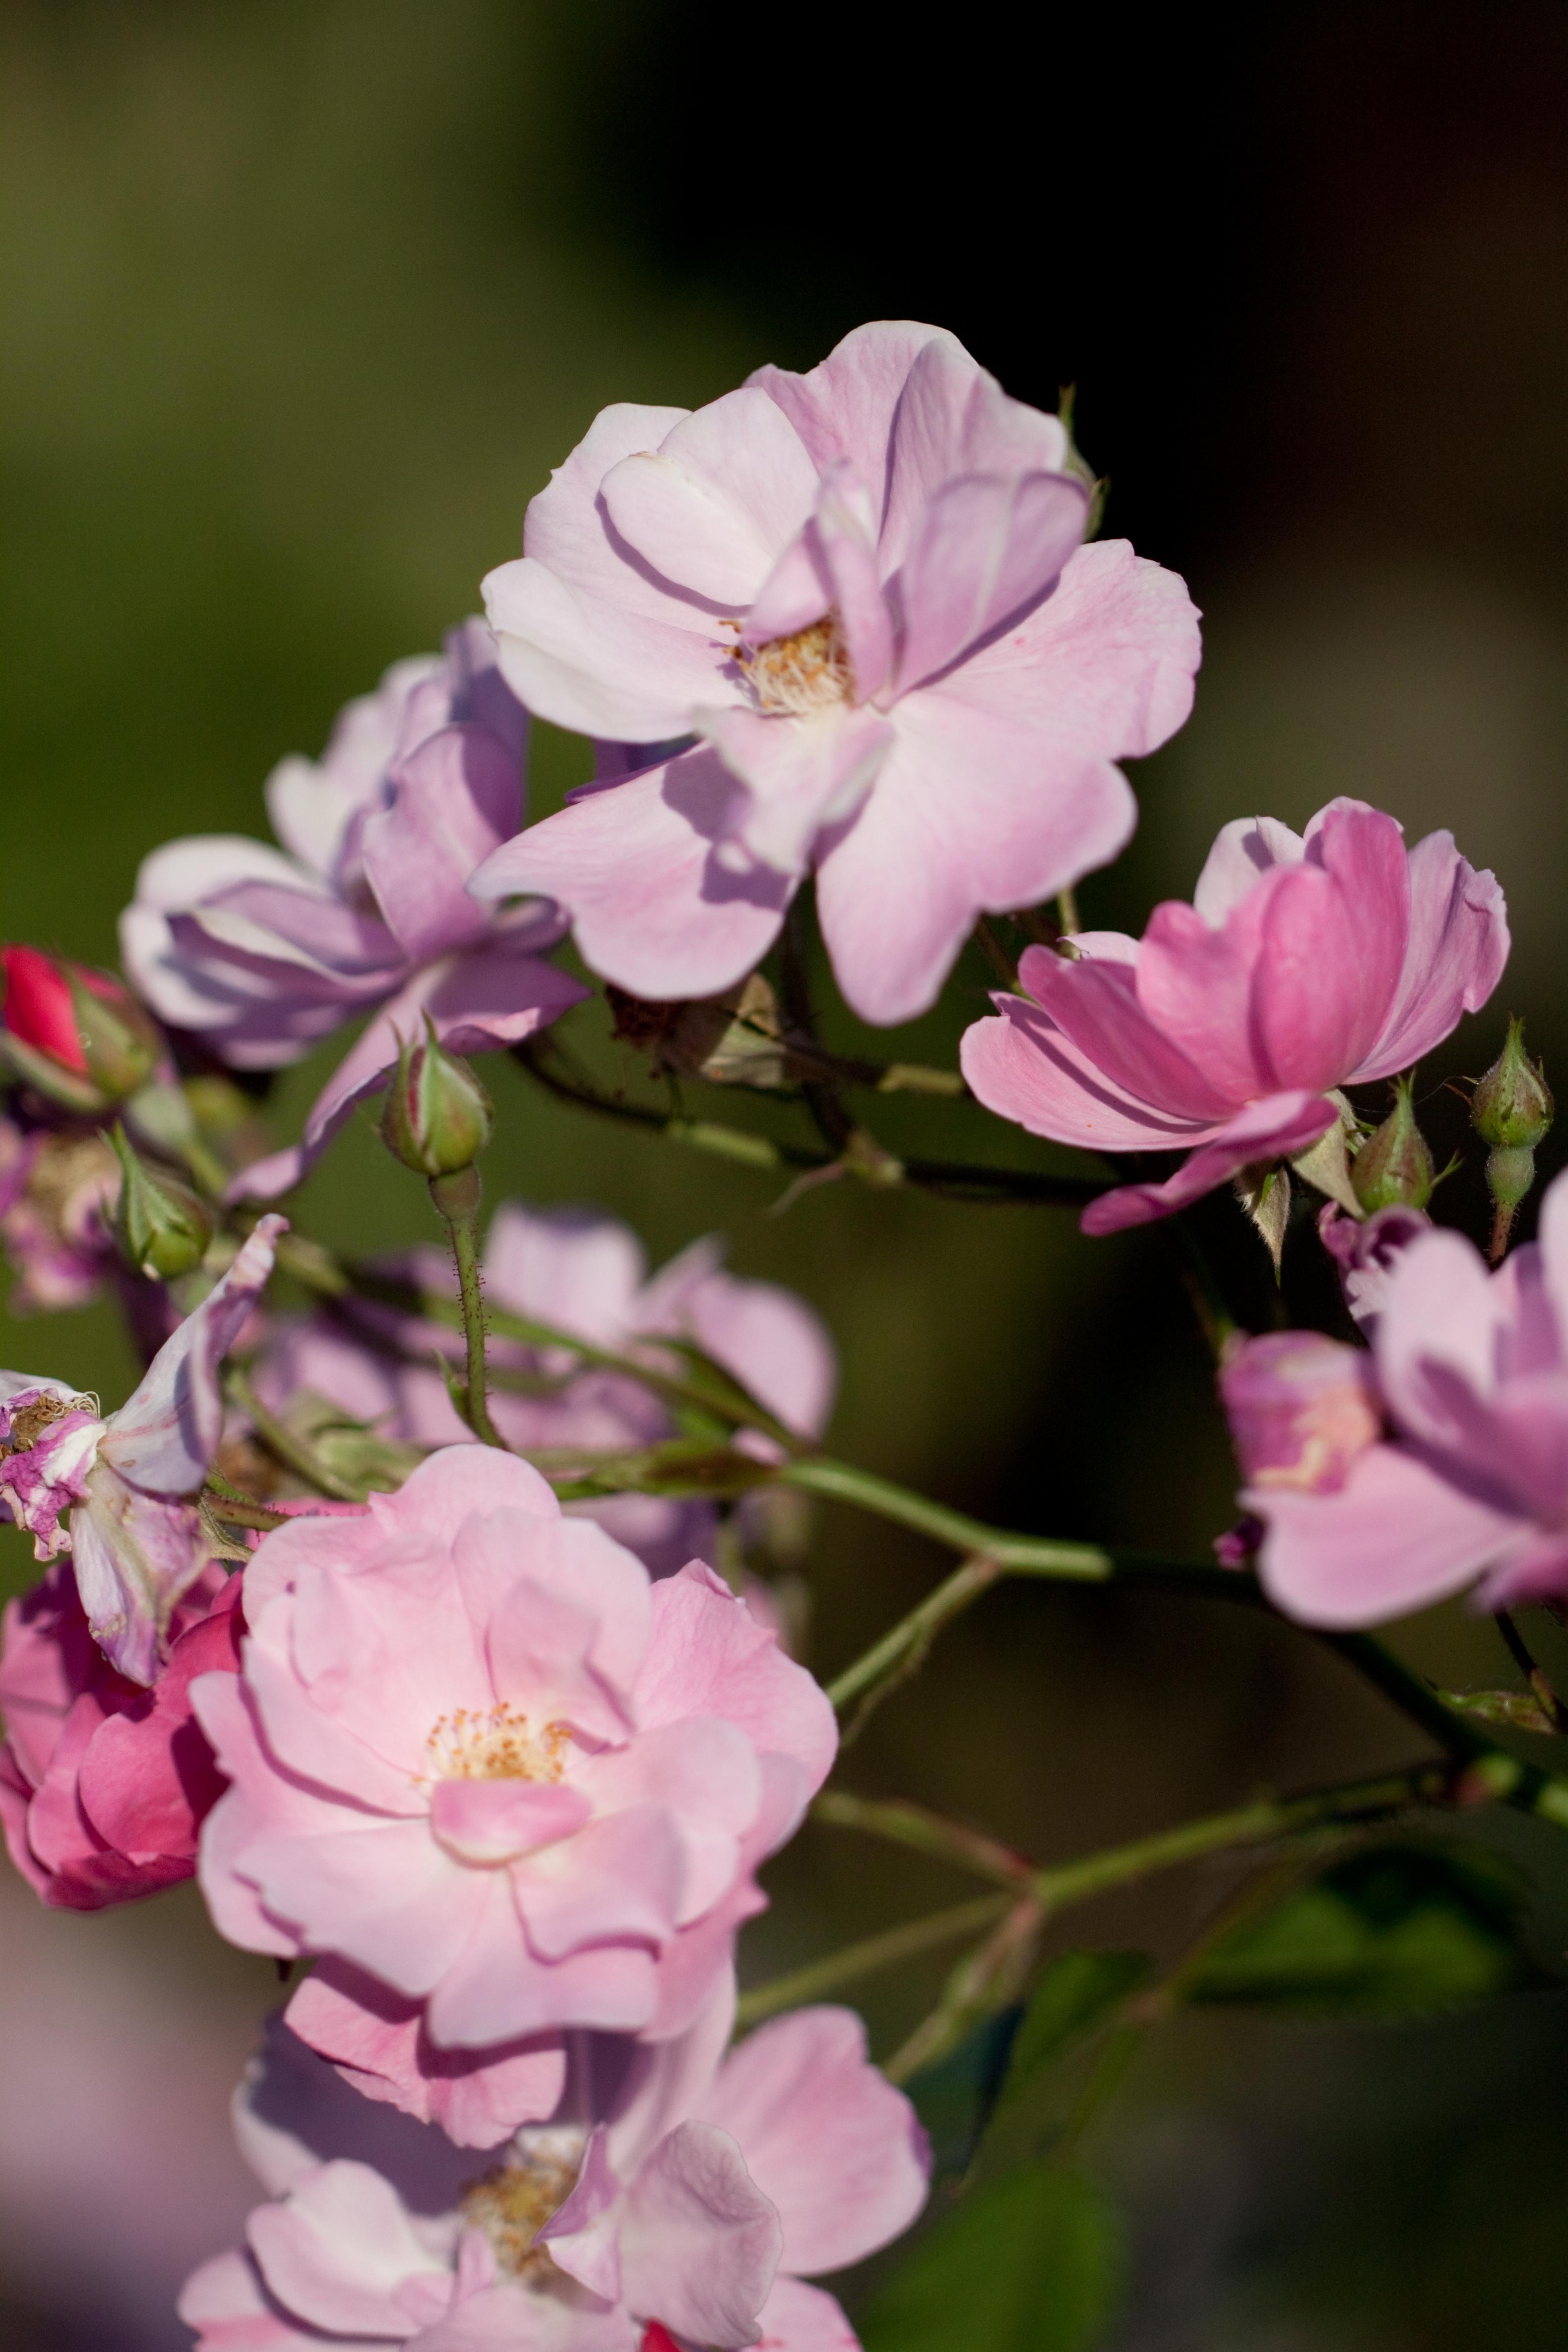 file rose lavender dream flickr. Black Bedroom Furniture Sets. Home Design Ideas